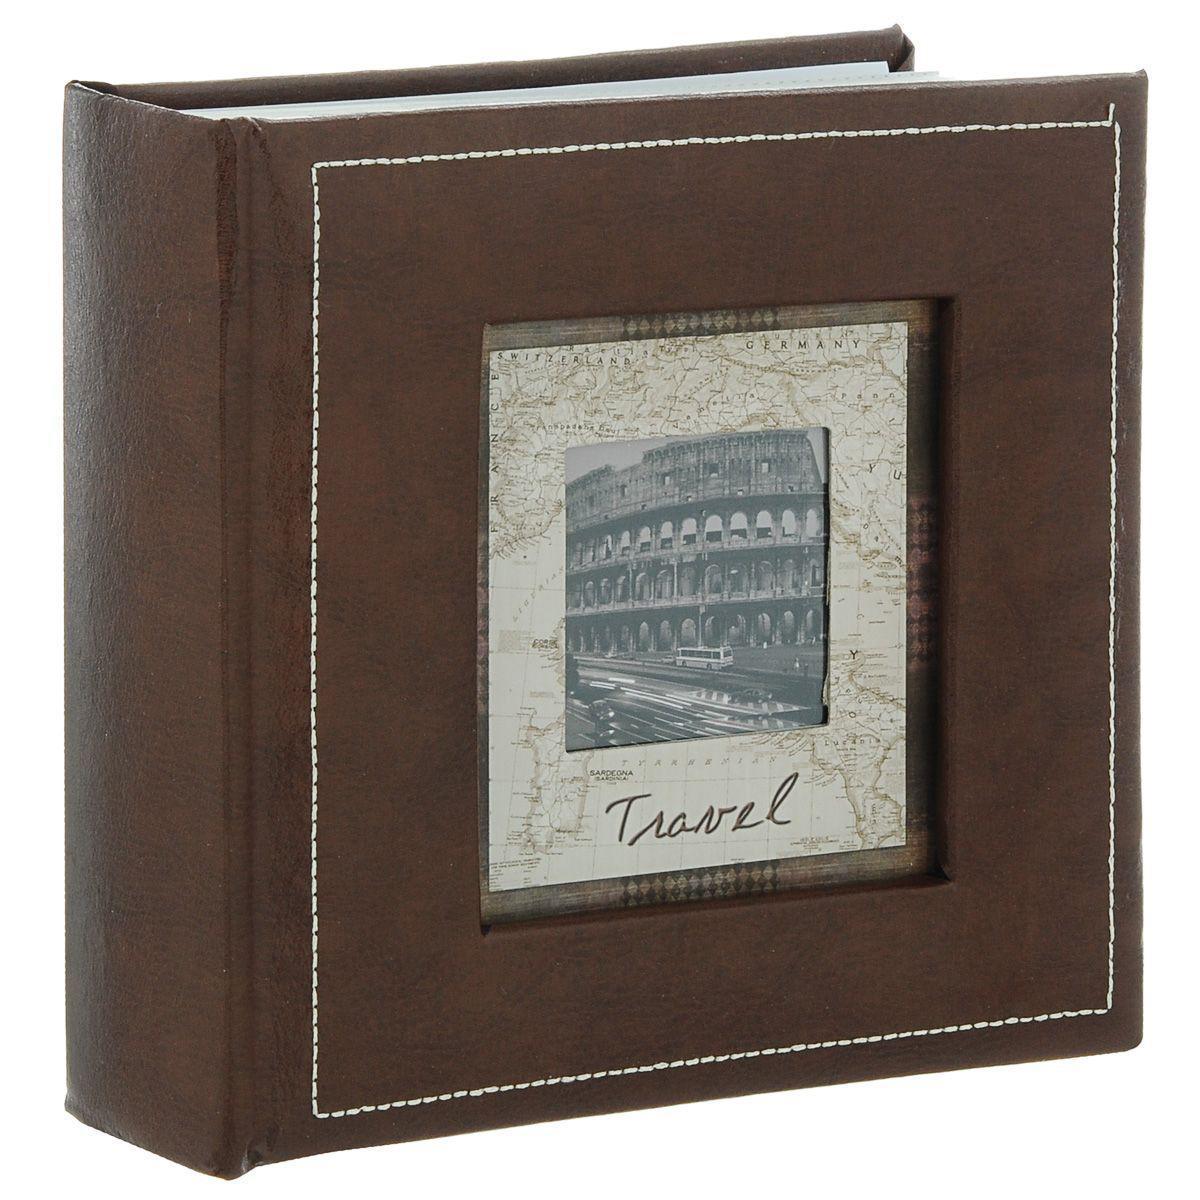 Фотоальбом Image Art -100 10x15 (BBM46100/1) серия 001 классика с окном, цвет: коричневыйPlatinum JW57-4 ИМПЕРИЯ-КРАСНЫЙ МРАМОР 21x30Изящная рамка для фотографий выполнена из сплава олова, покрытого эпоксидной смолой. С задней стороны имеется ножка для удобного размещения. Такая рамка позволит хранить на самом видном месте фотографию ваших родных и близких, а также великолепно украсит интерьер помещения.